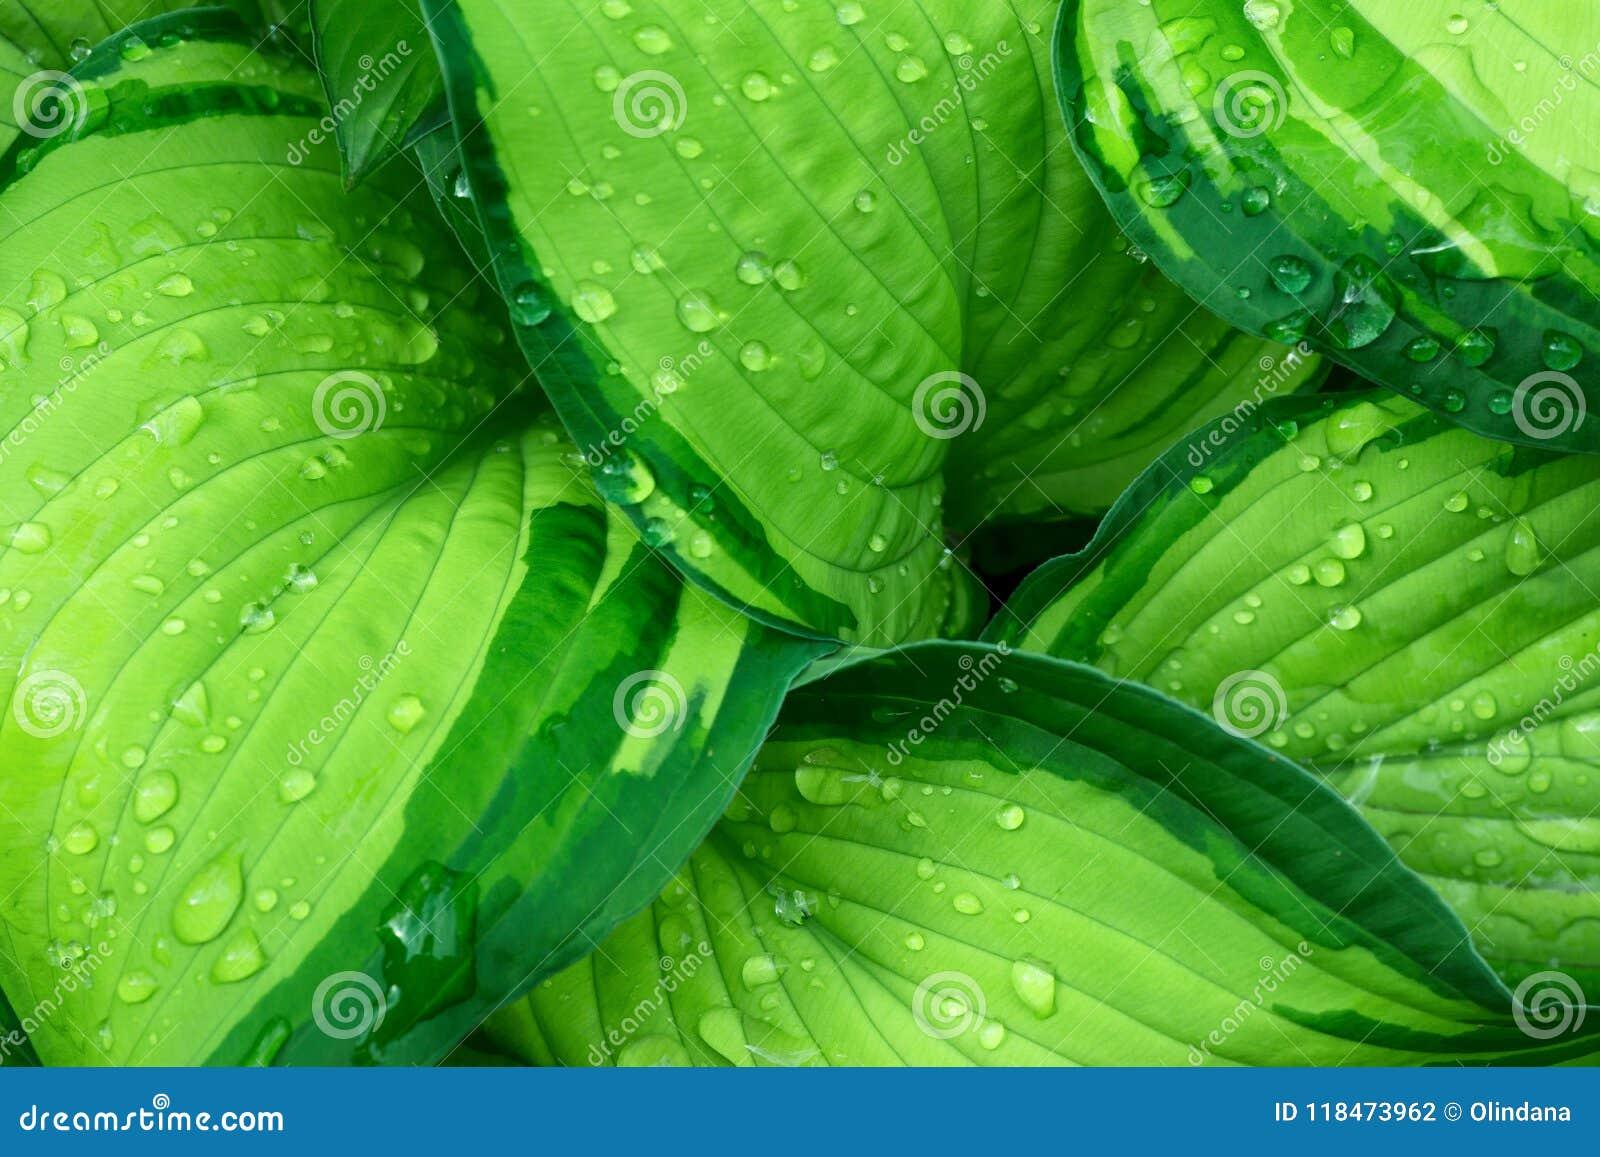 Foglie verdi fresche della pianta della hosta dopo pioggia con le gocce di acqua Fondo botanico della natura del fogliame Modello